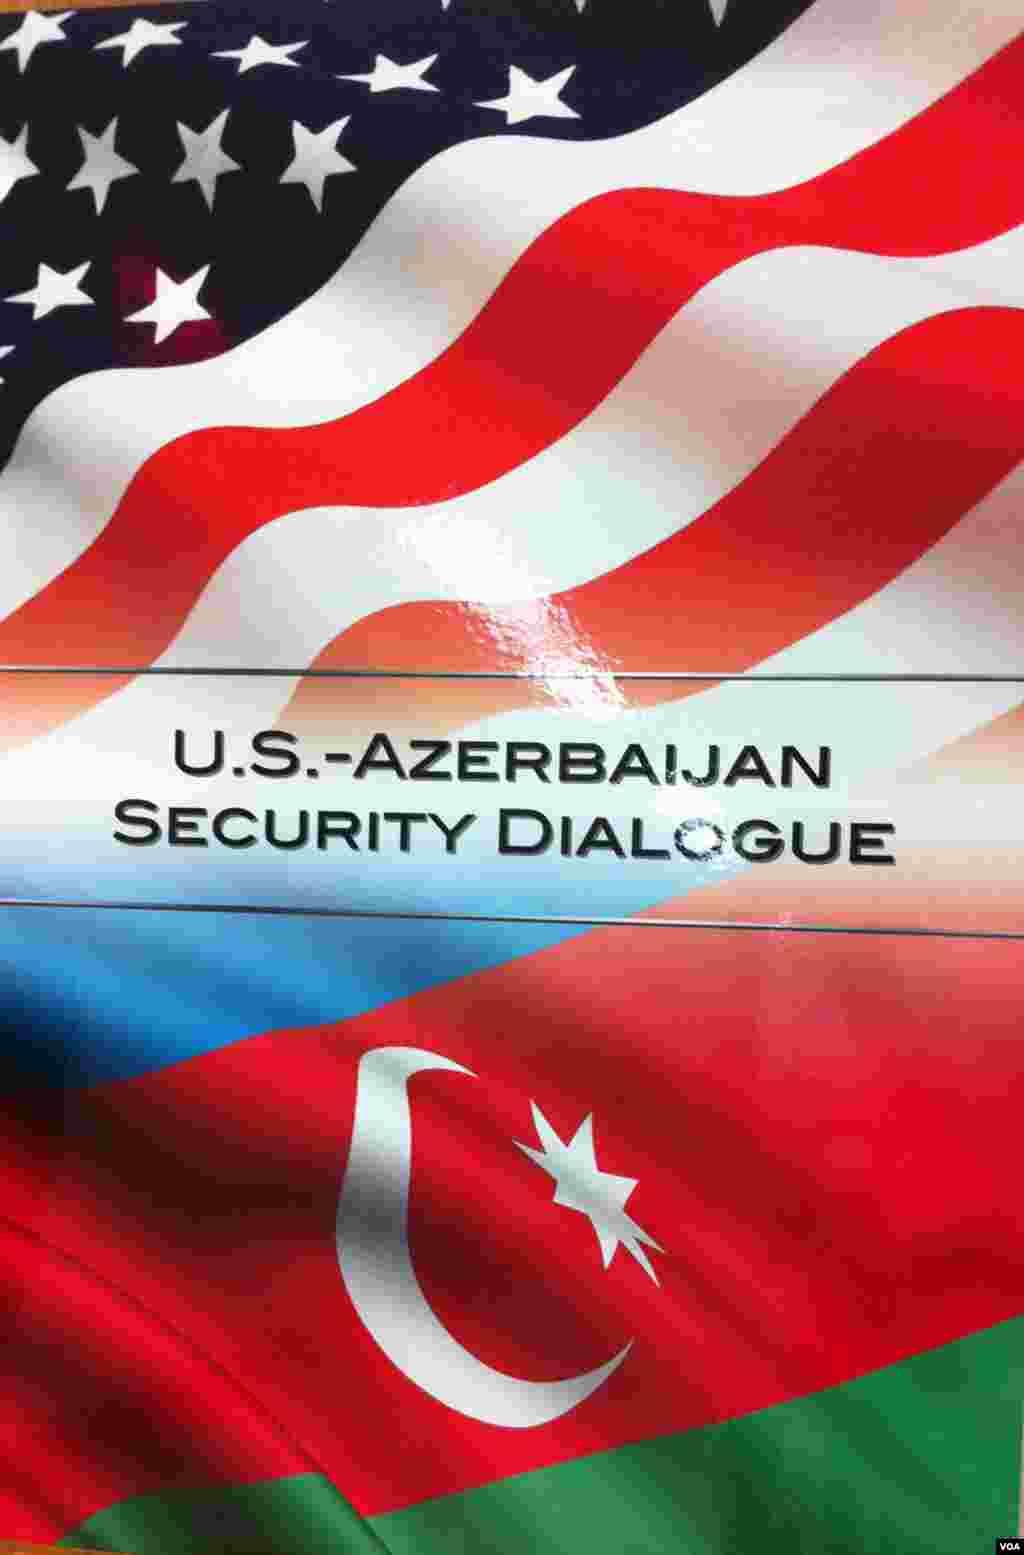 İyulun 24-də Vaşinqtonda ABŞ və Azərbaycan arasında təhlükəsizliyə dair dialoq keçirilib.